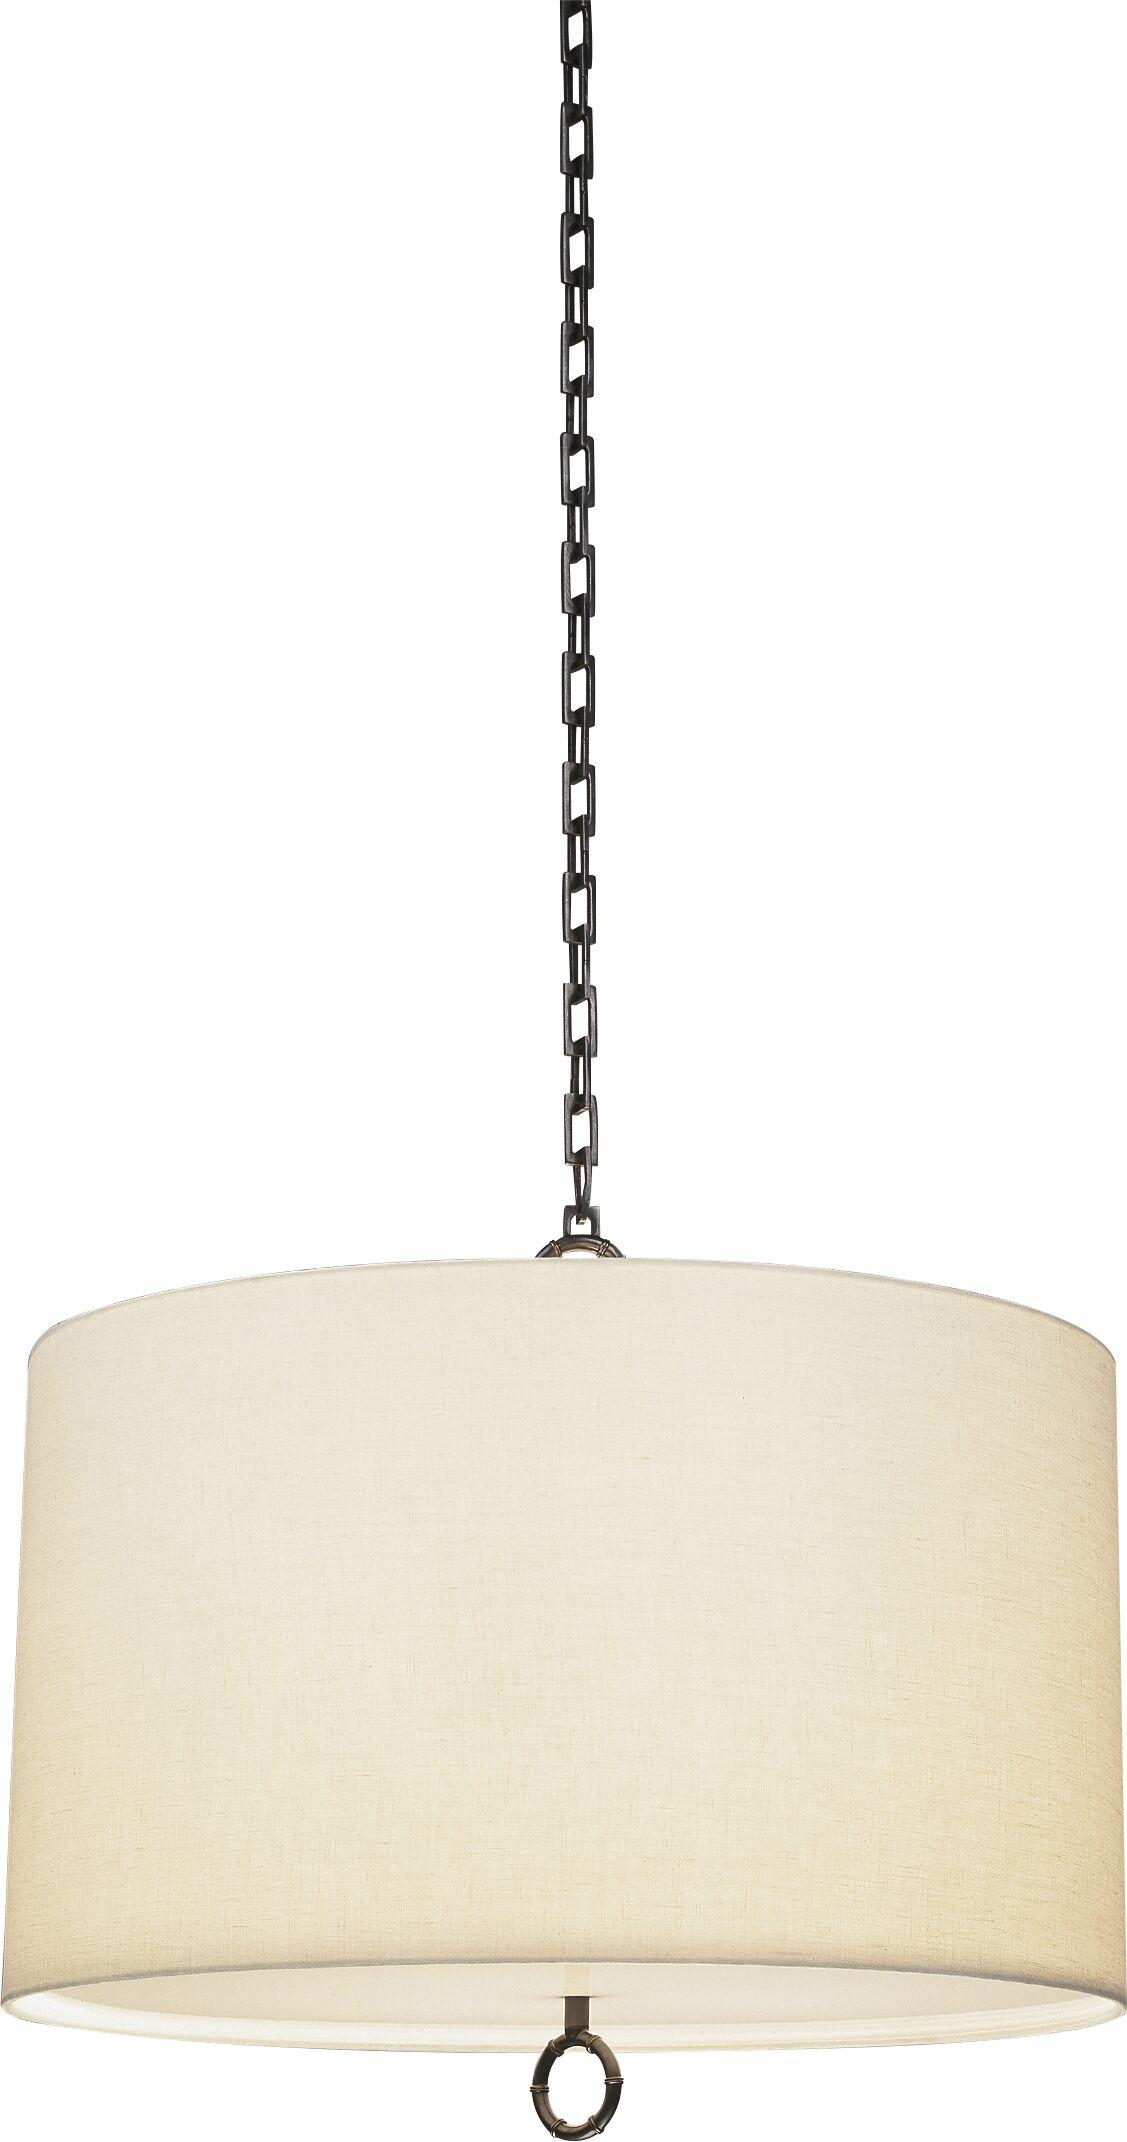 Meurice 3-Light Pendant Finish: Patina Bronze